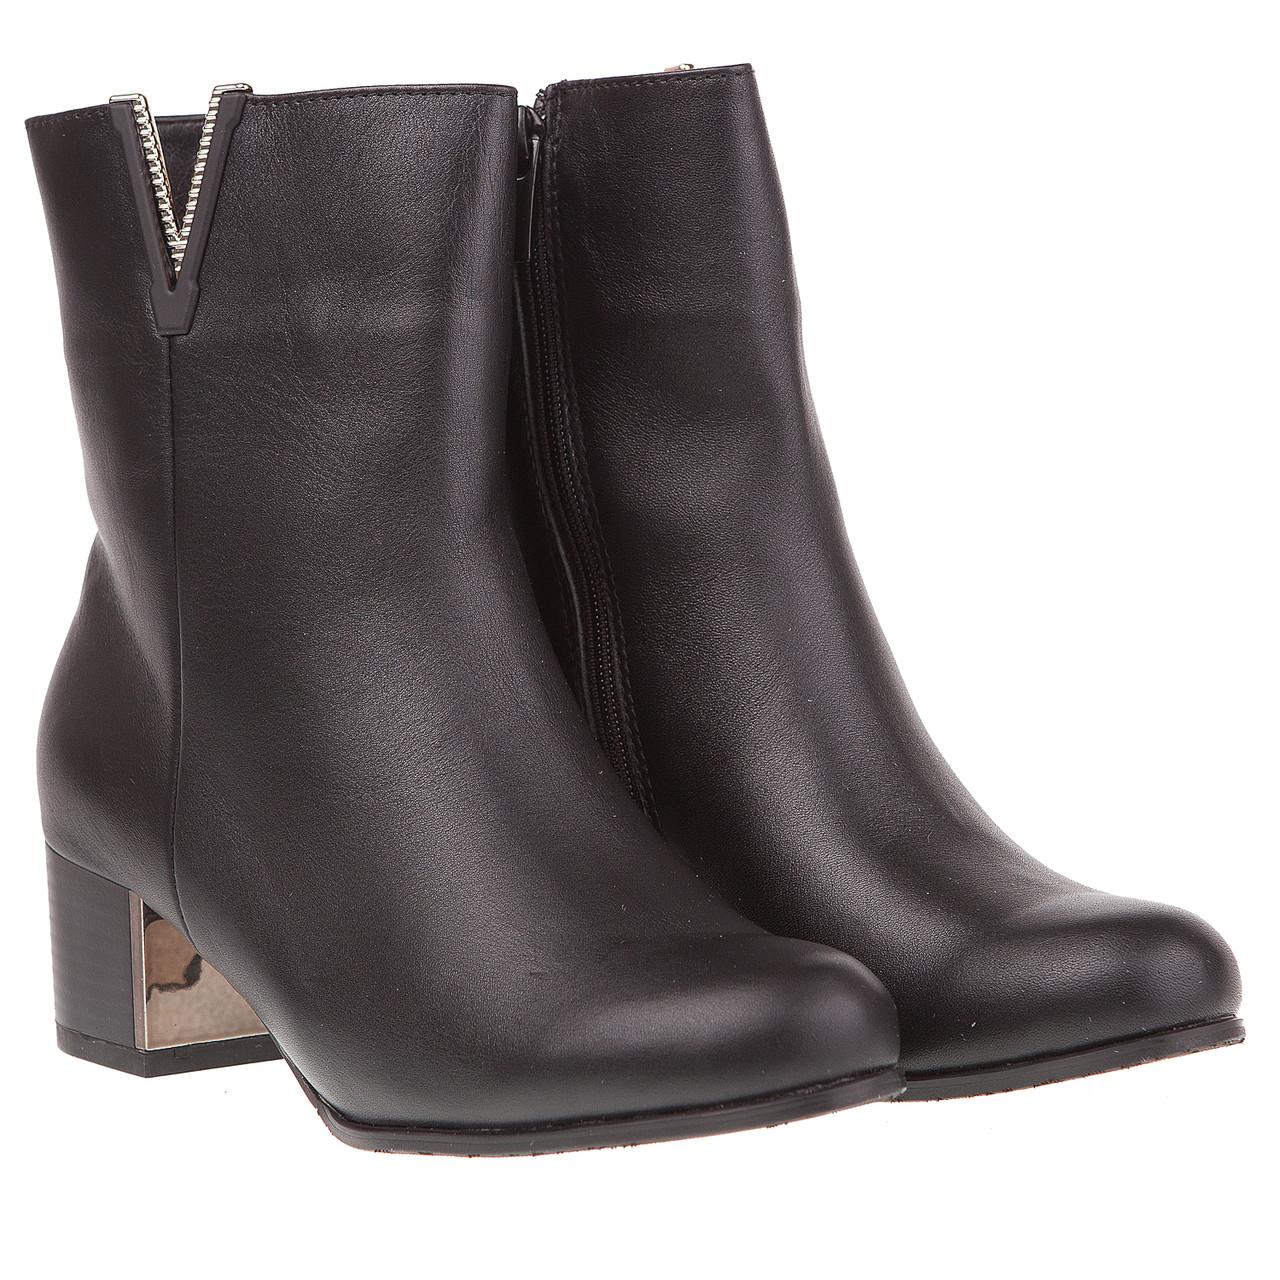 a9e693ff4 Ботильоны женские Kluchini (кожаные, черные, с золотистой вставкой на  каблуке)